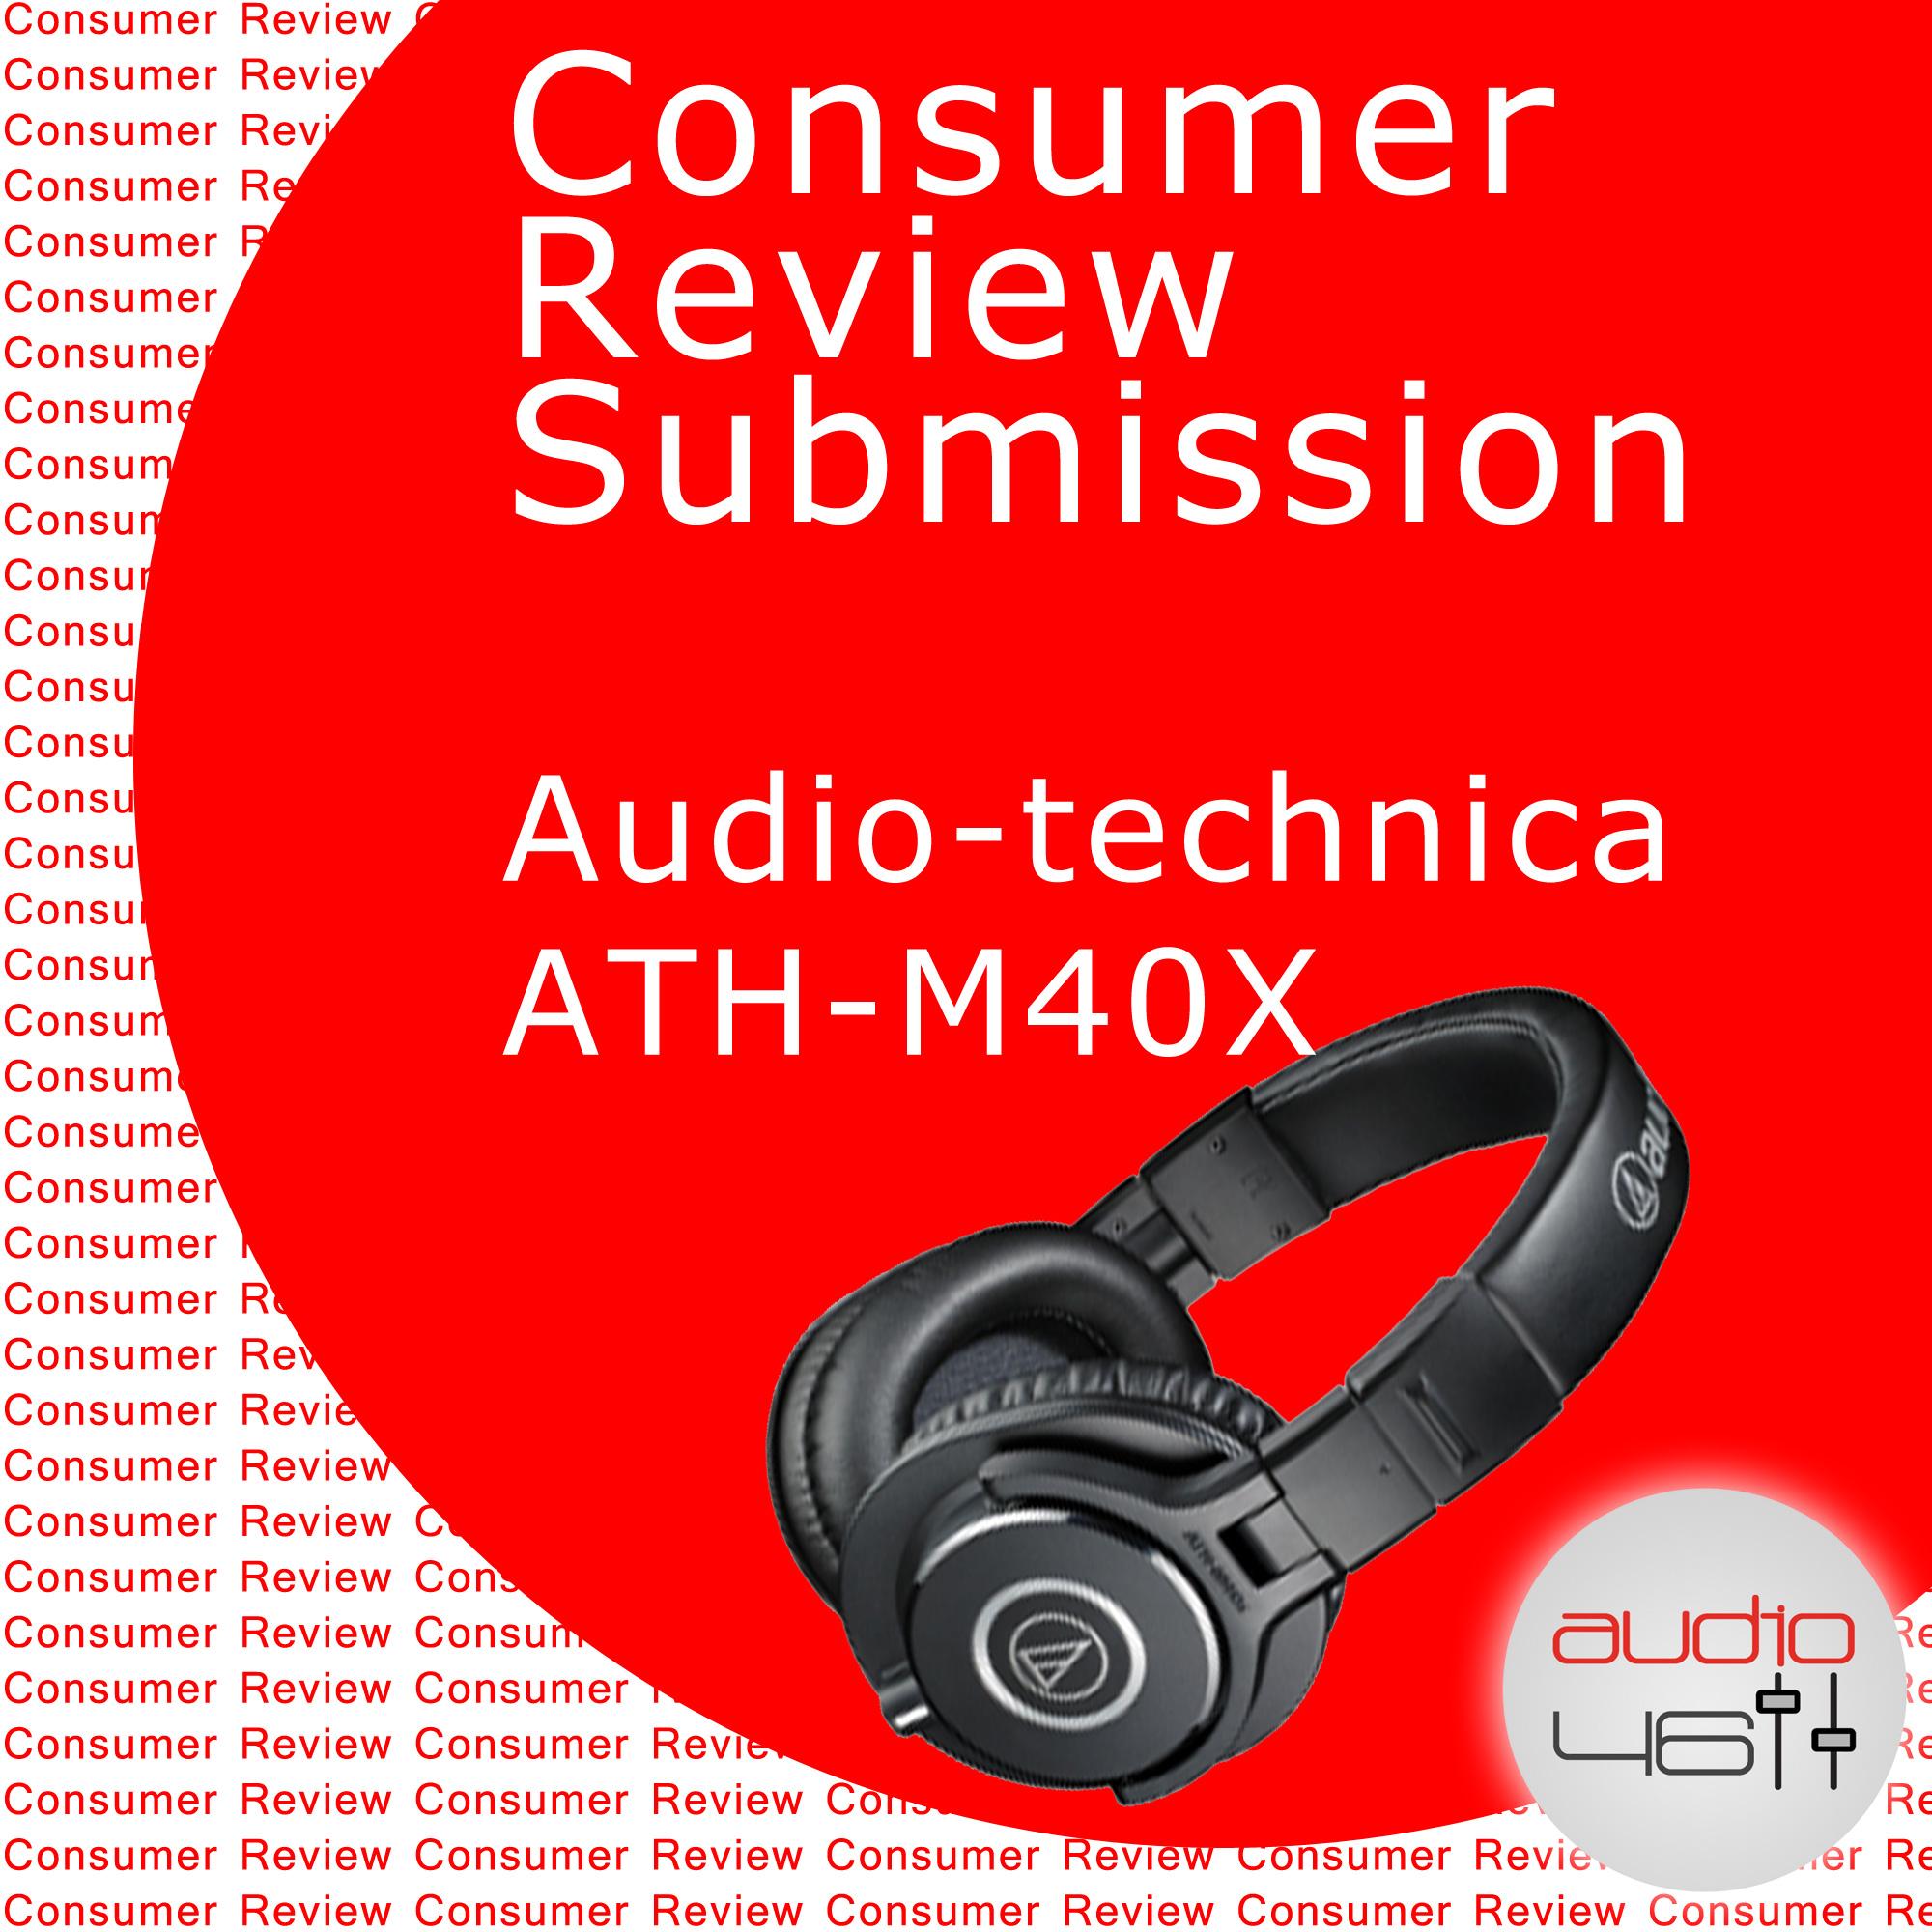 Consumer Review – Audio-technica ATH-M40